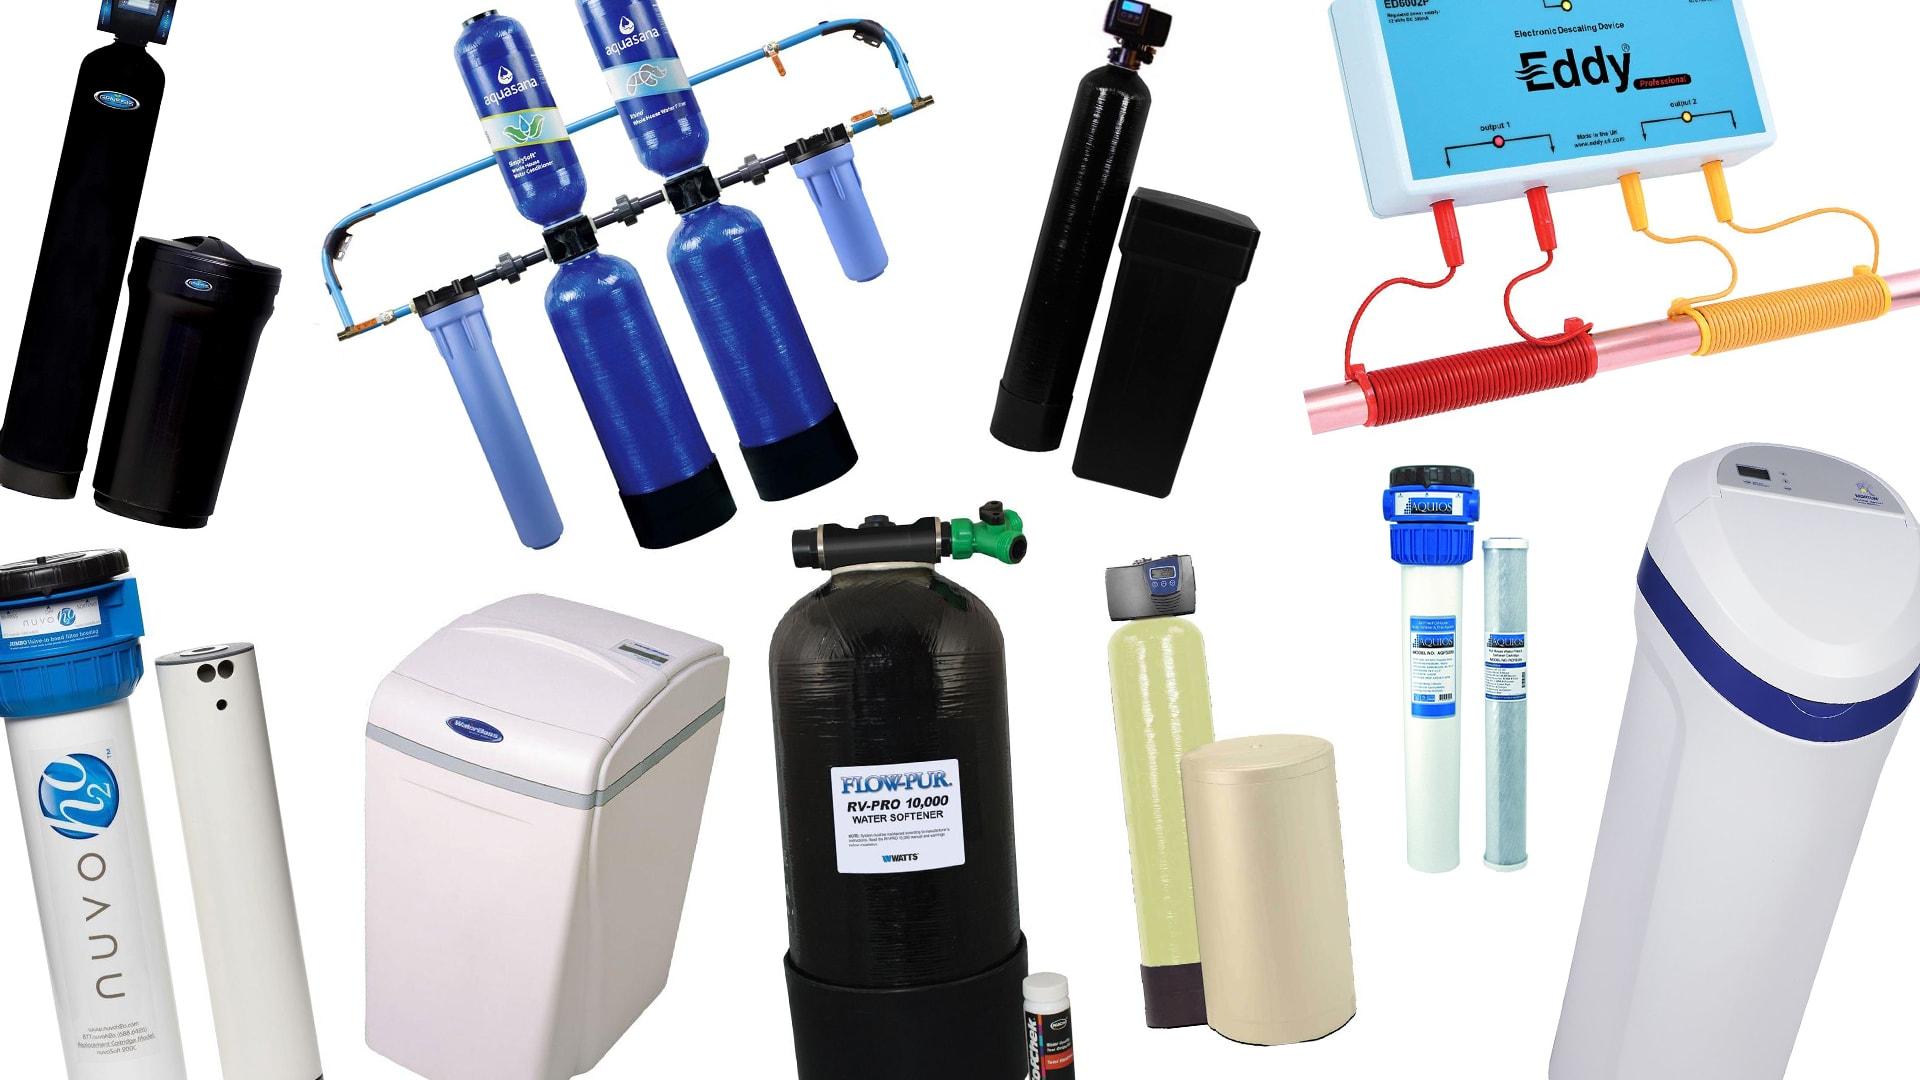 Best Water Softeners 2020